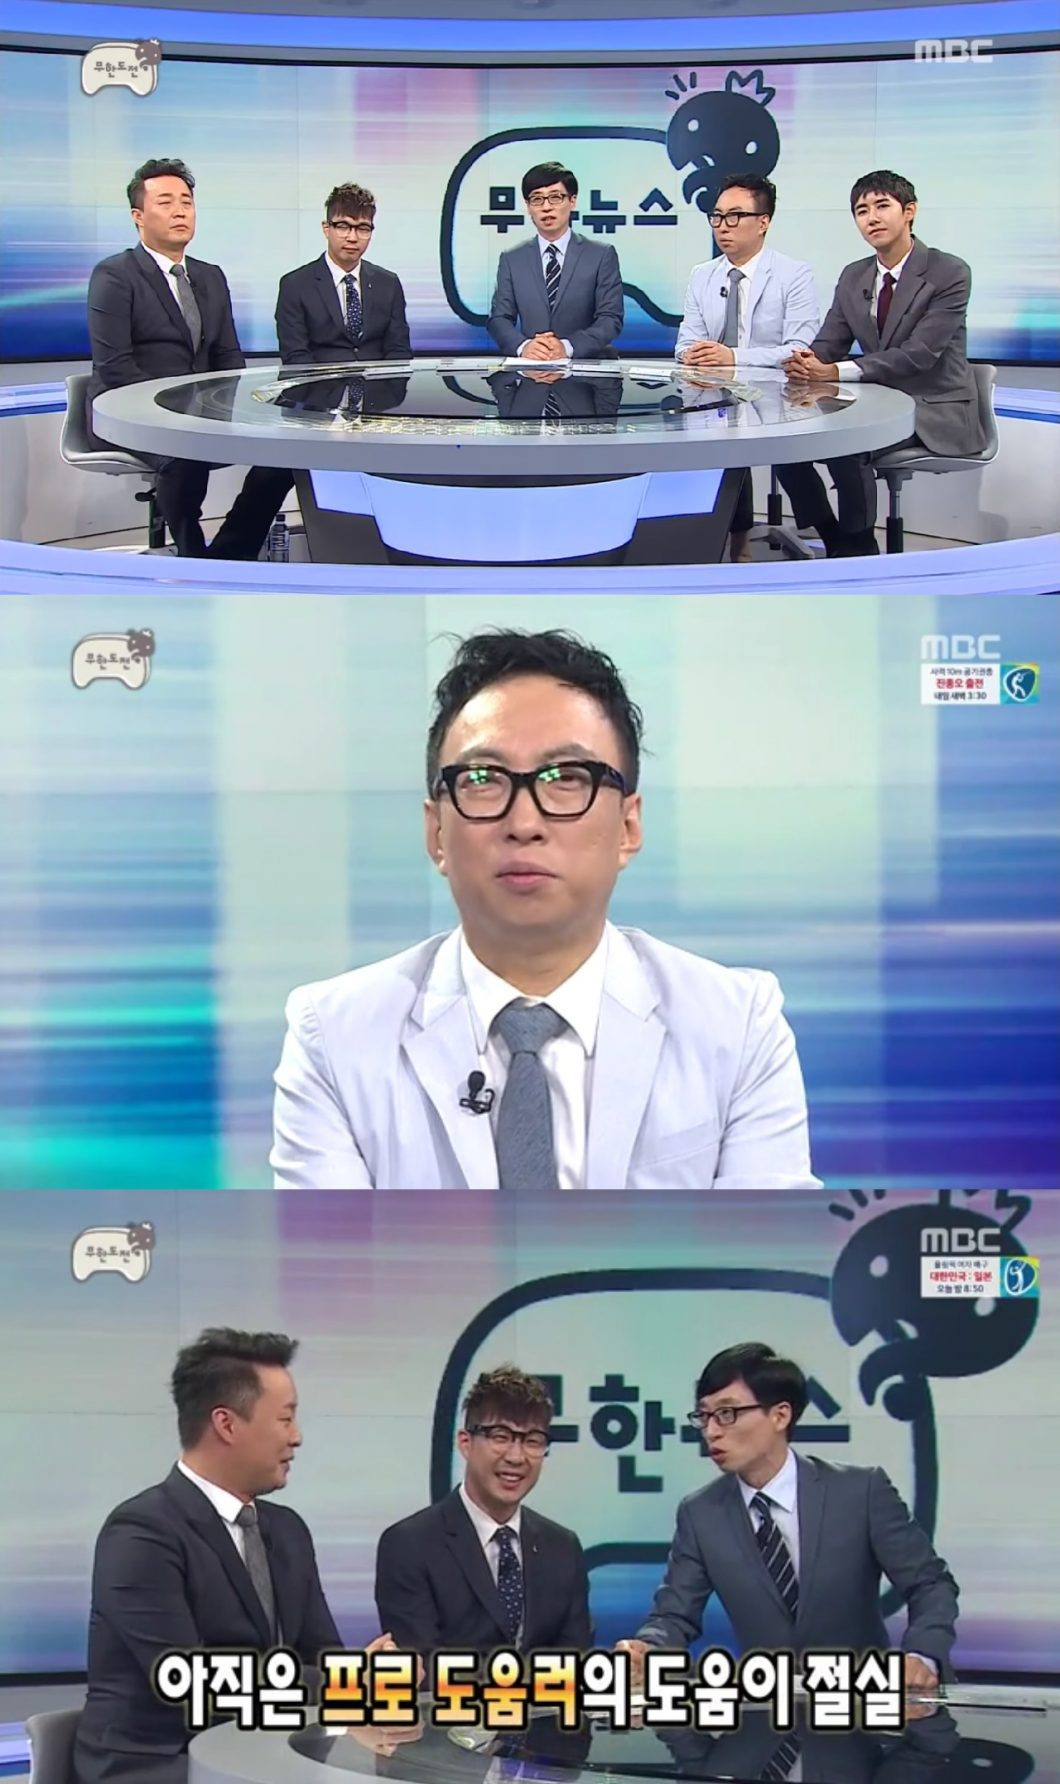 yoo-jae-suk-park-myung-soo-jung-joon-ha-haha-kwanghee